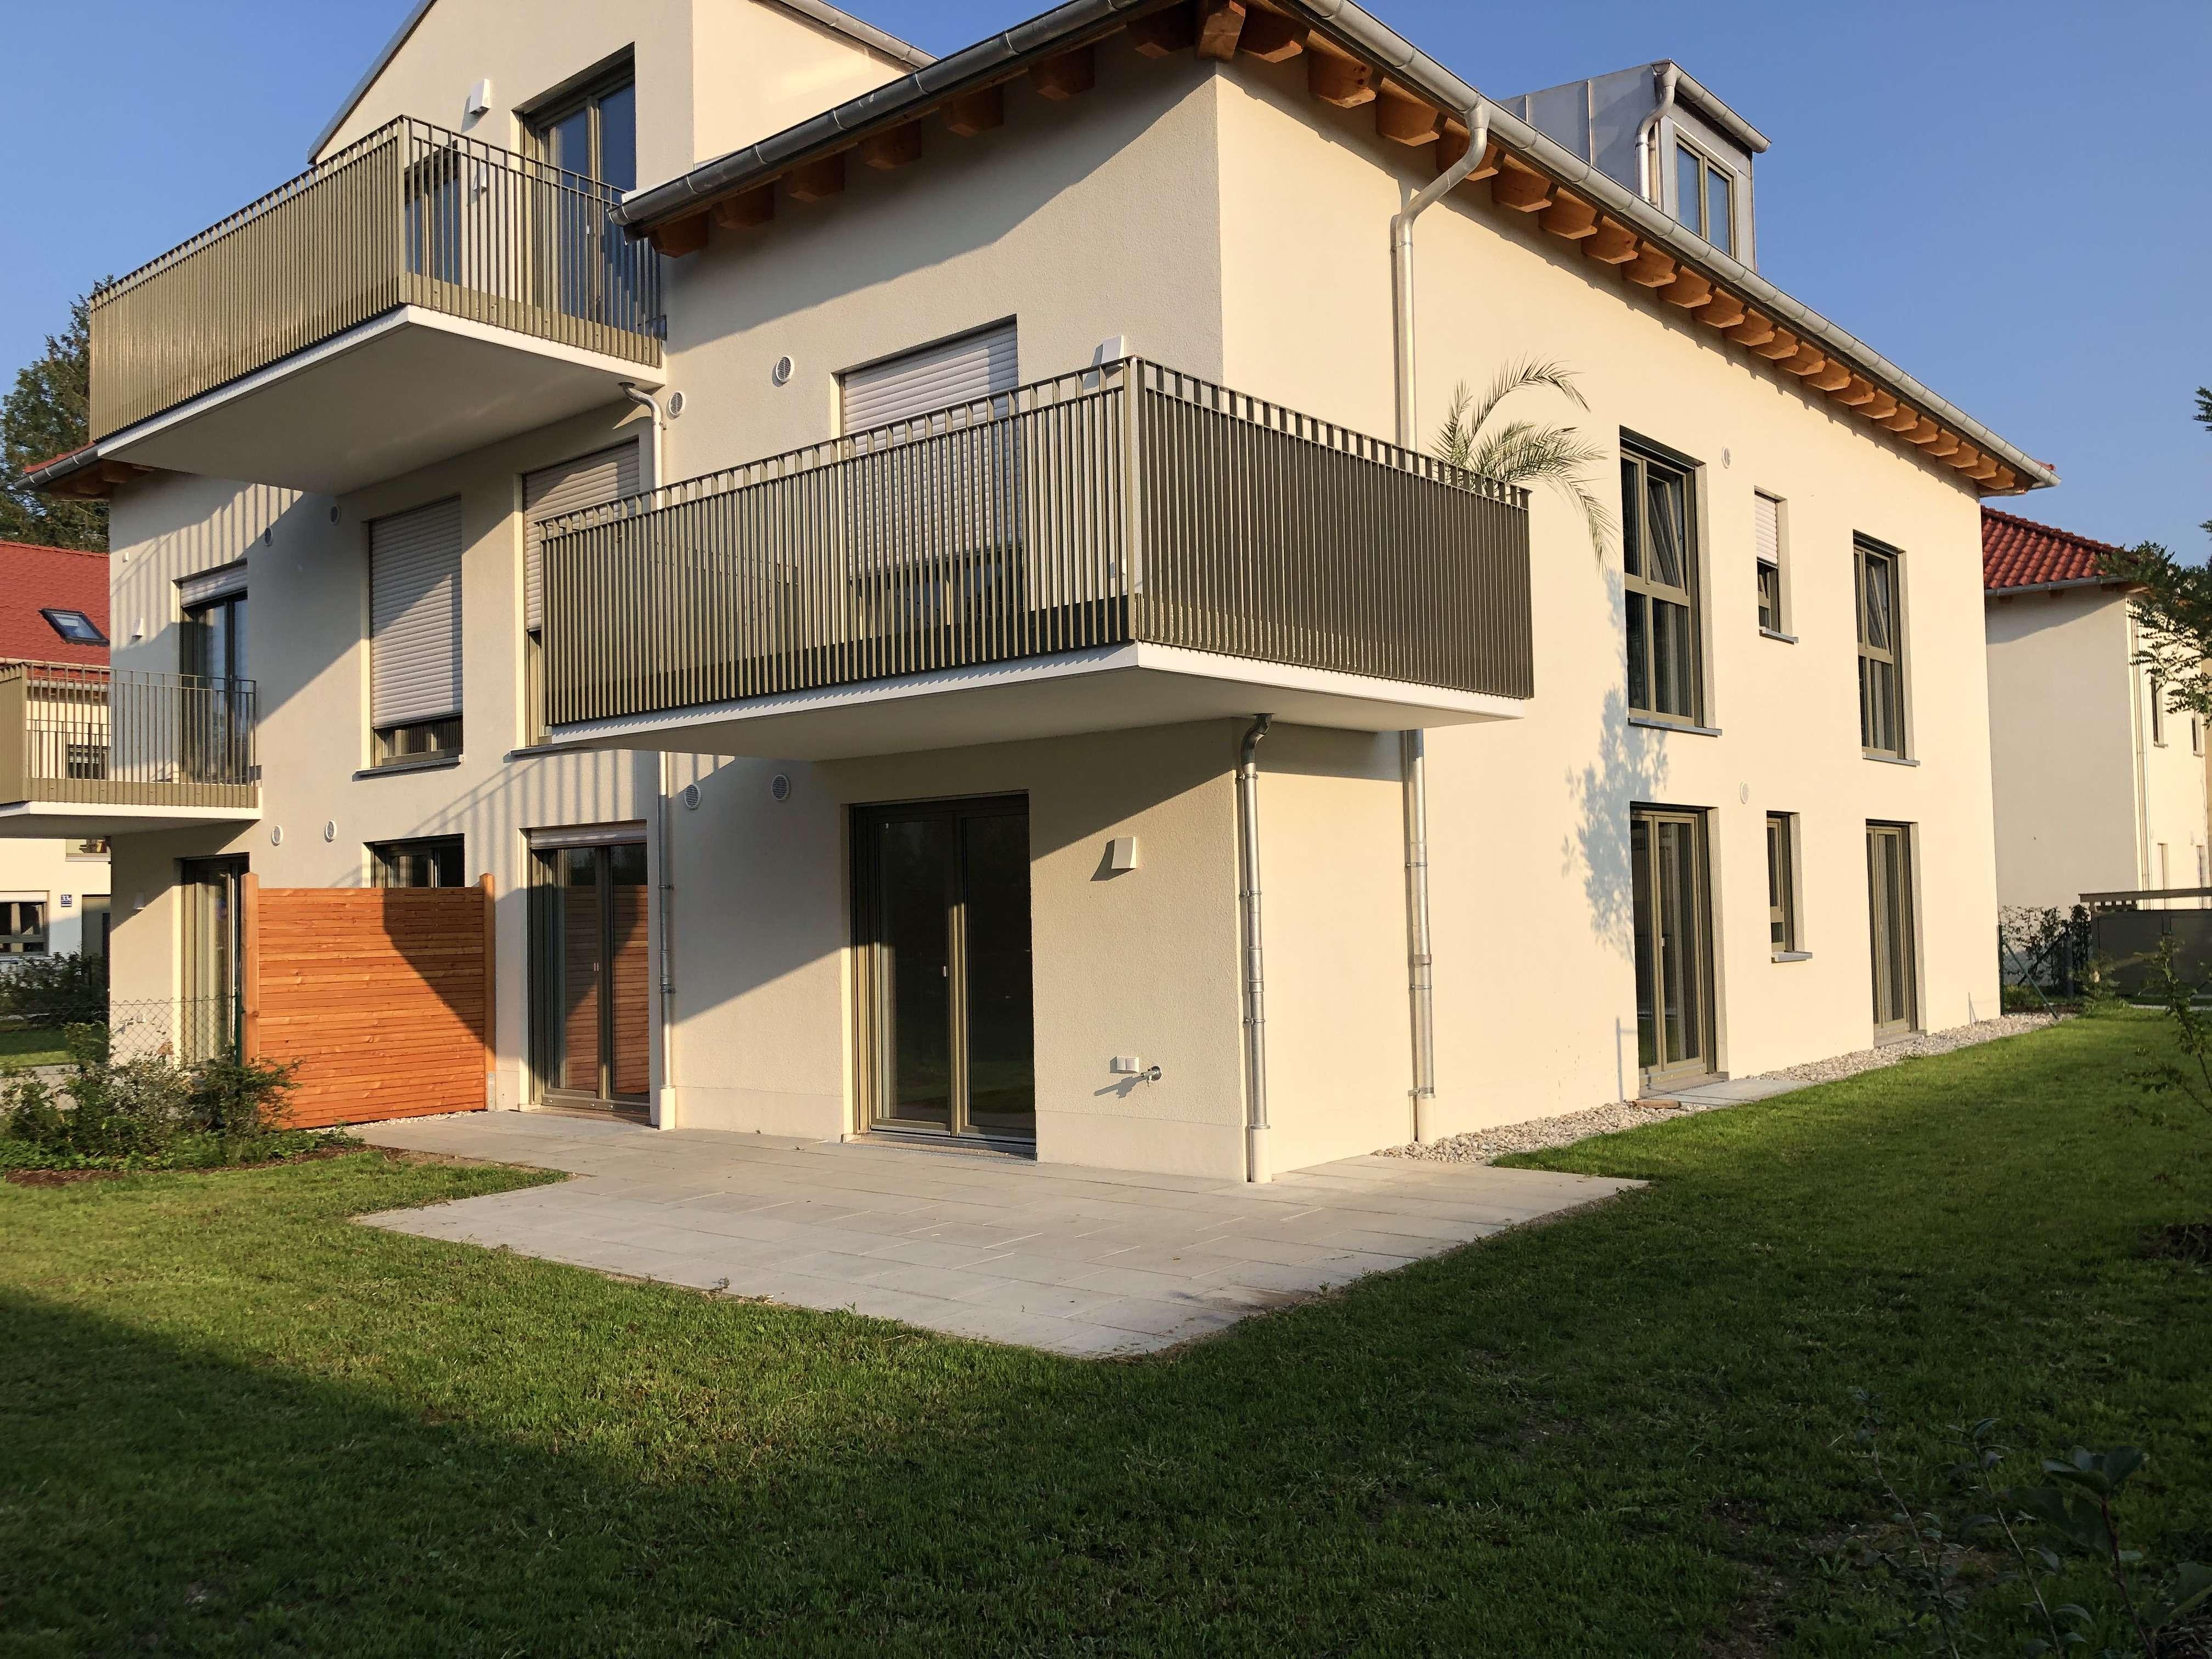 Neubau! 3 Zimmer Erdgeschosswohnung mit großem Garten in ruhiger Bestlage in Alt-Aubing in Aubing (München)